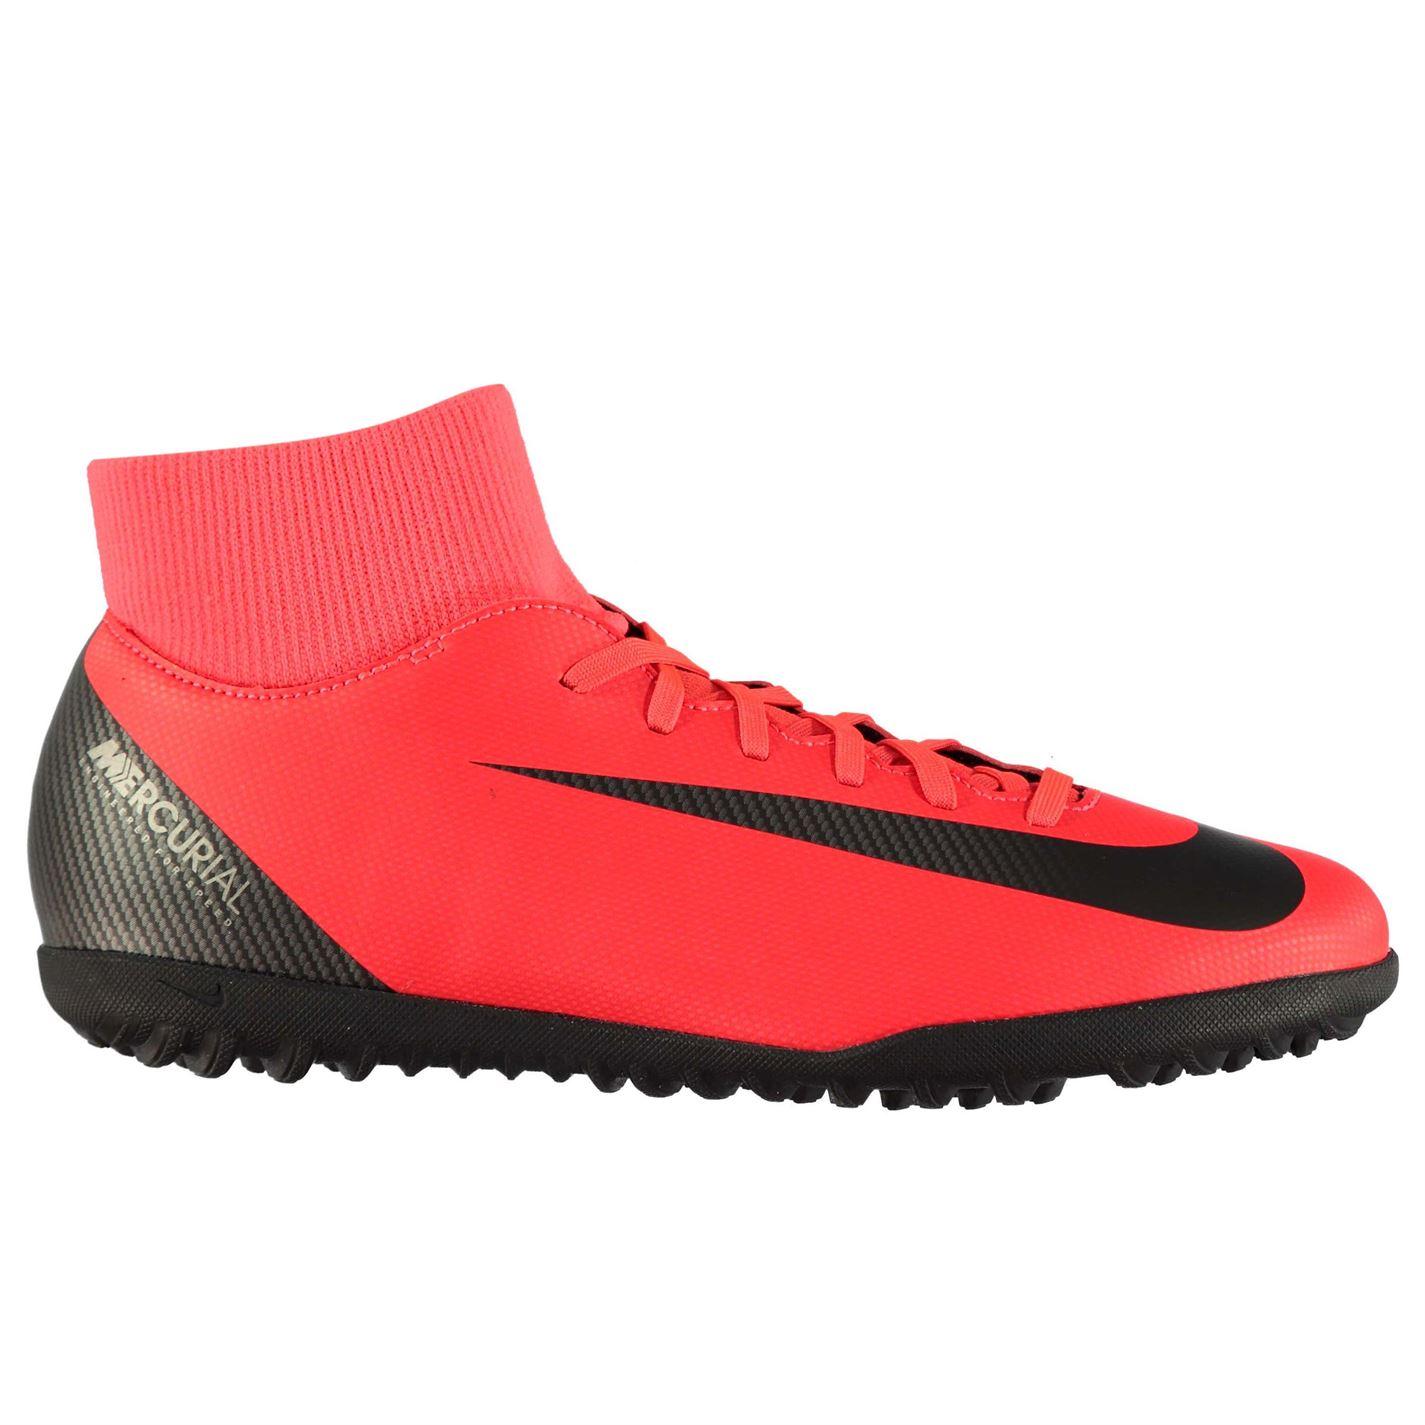 Nike Mercurial Superfly 6 Club CR7 Astro Turf pánske kopačky